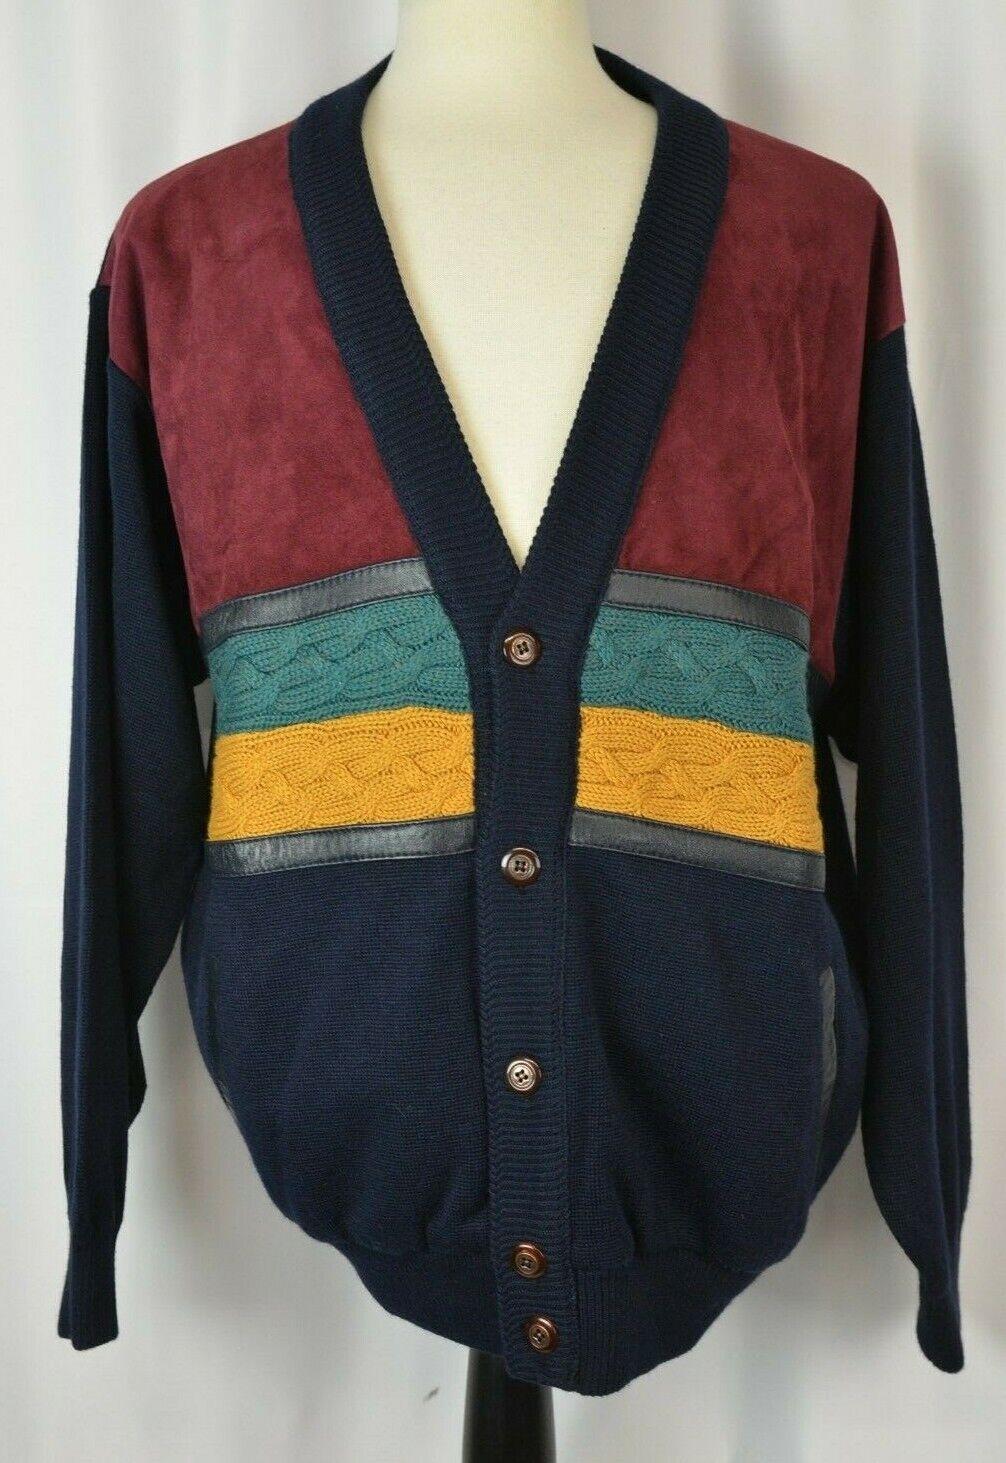 Bottega Fiorentina Men's Cardigan Sweater Size Lar